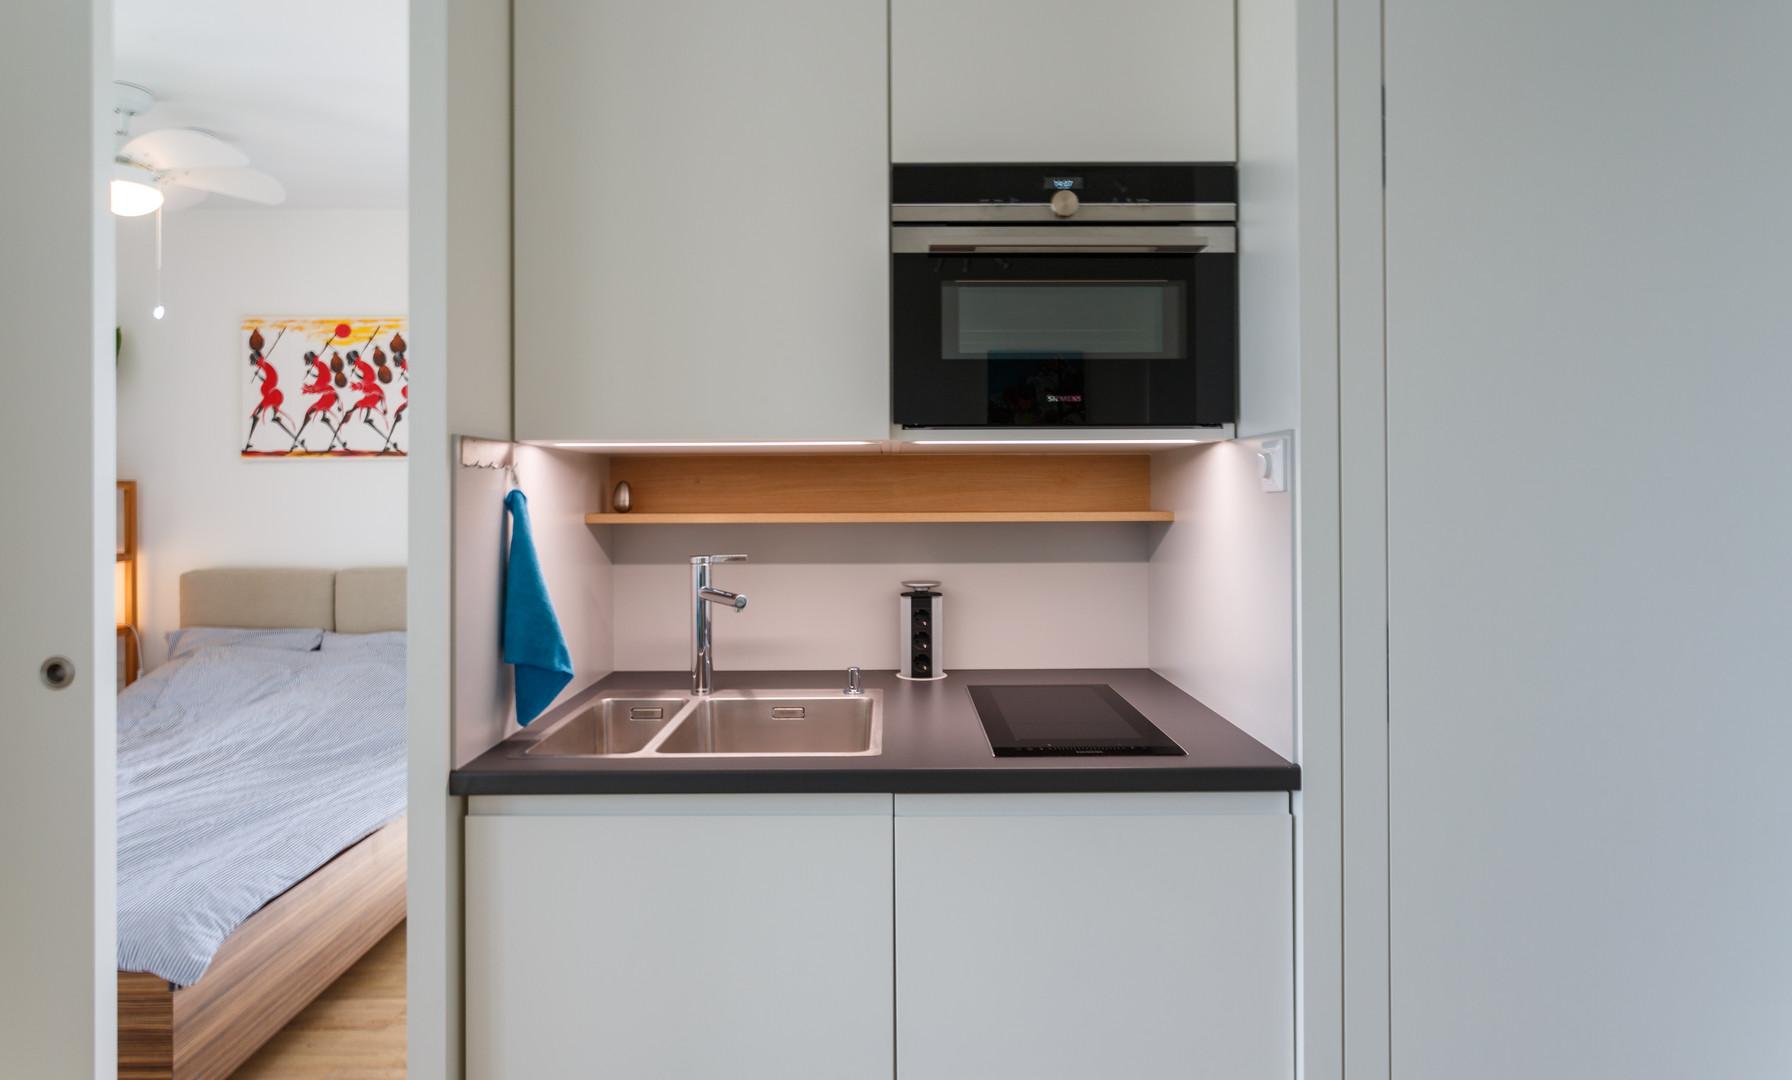 Immoblienfotografie Prater Neubau Küche